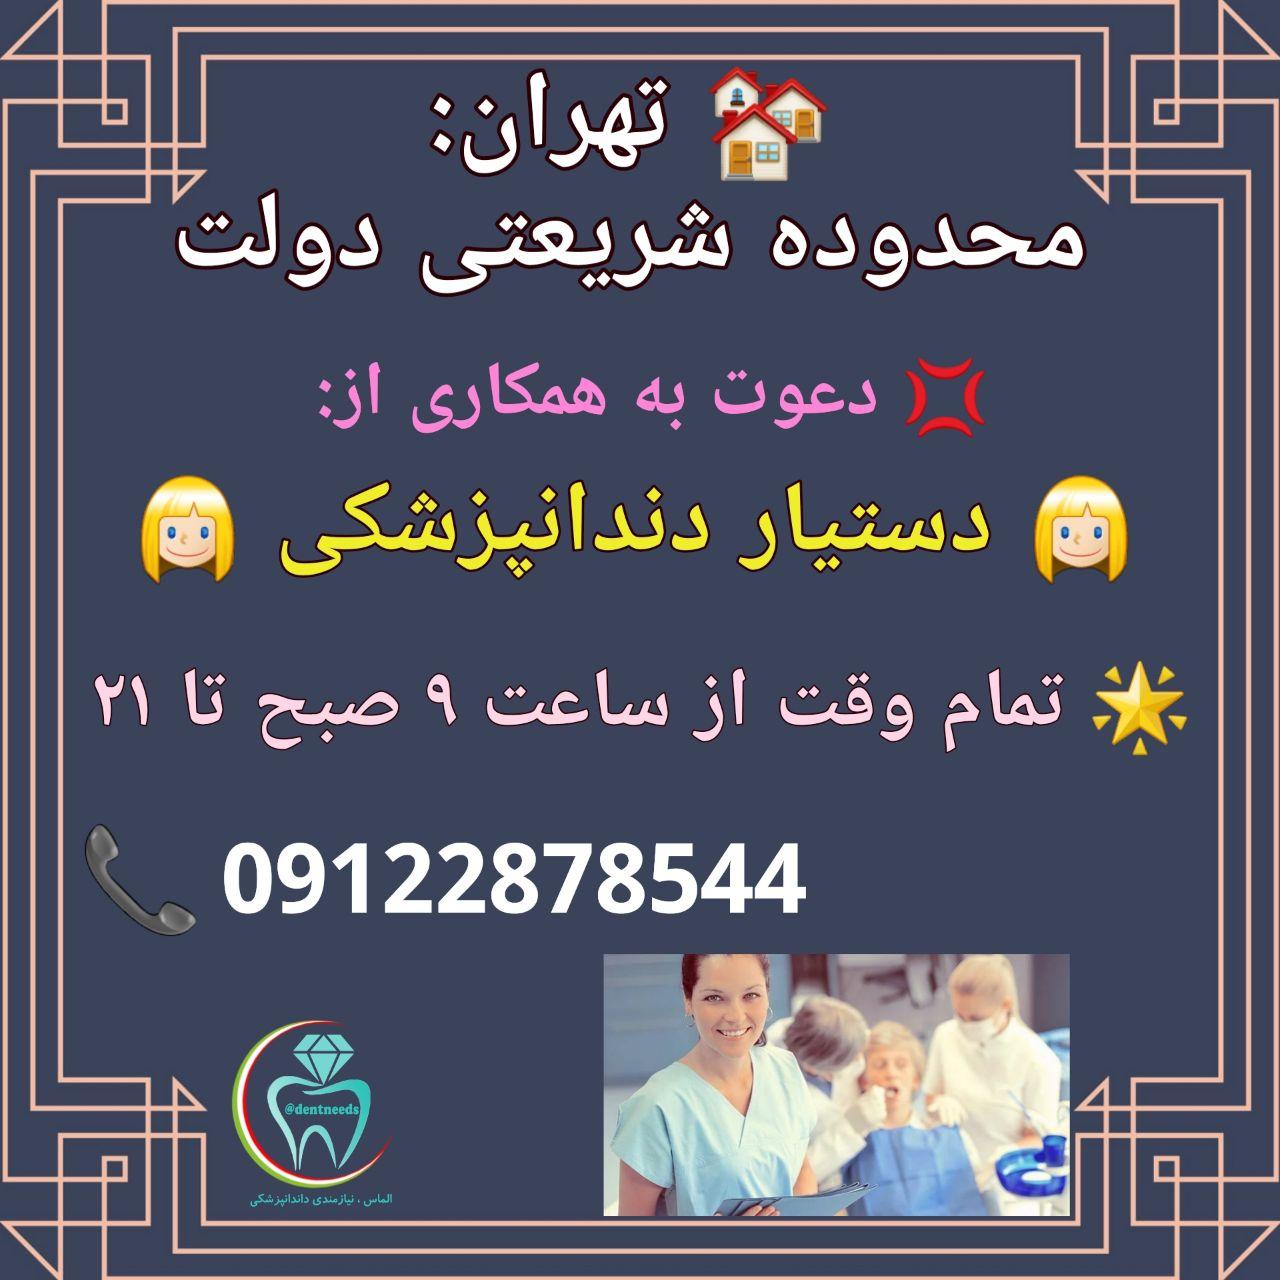 تهران: محدوده شریعتی دولت، دعوت به همکاری از دستیار دندانپزشکی